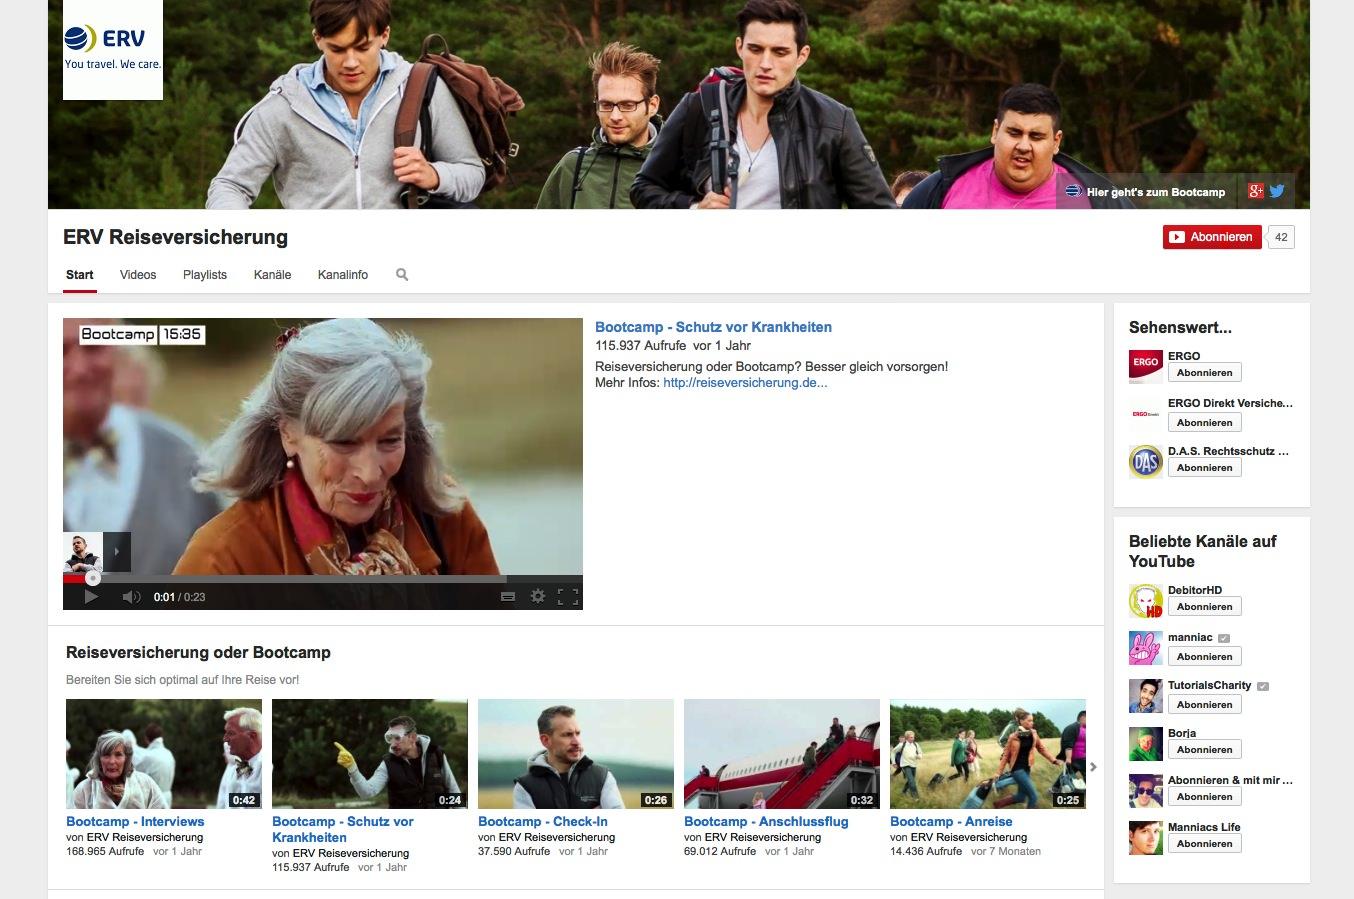 ERV Reiseversicherung YouTube Channel